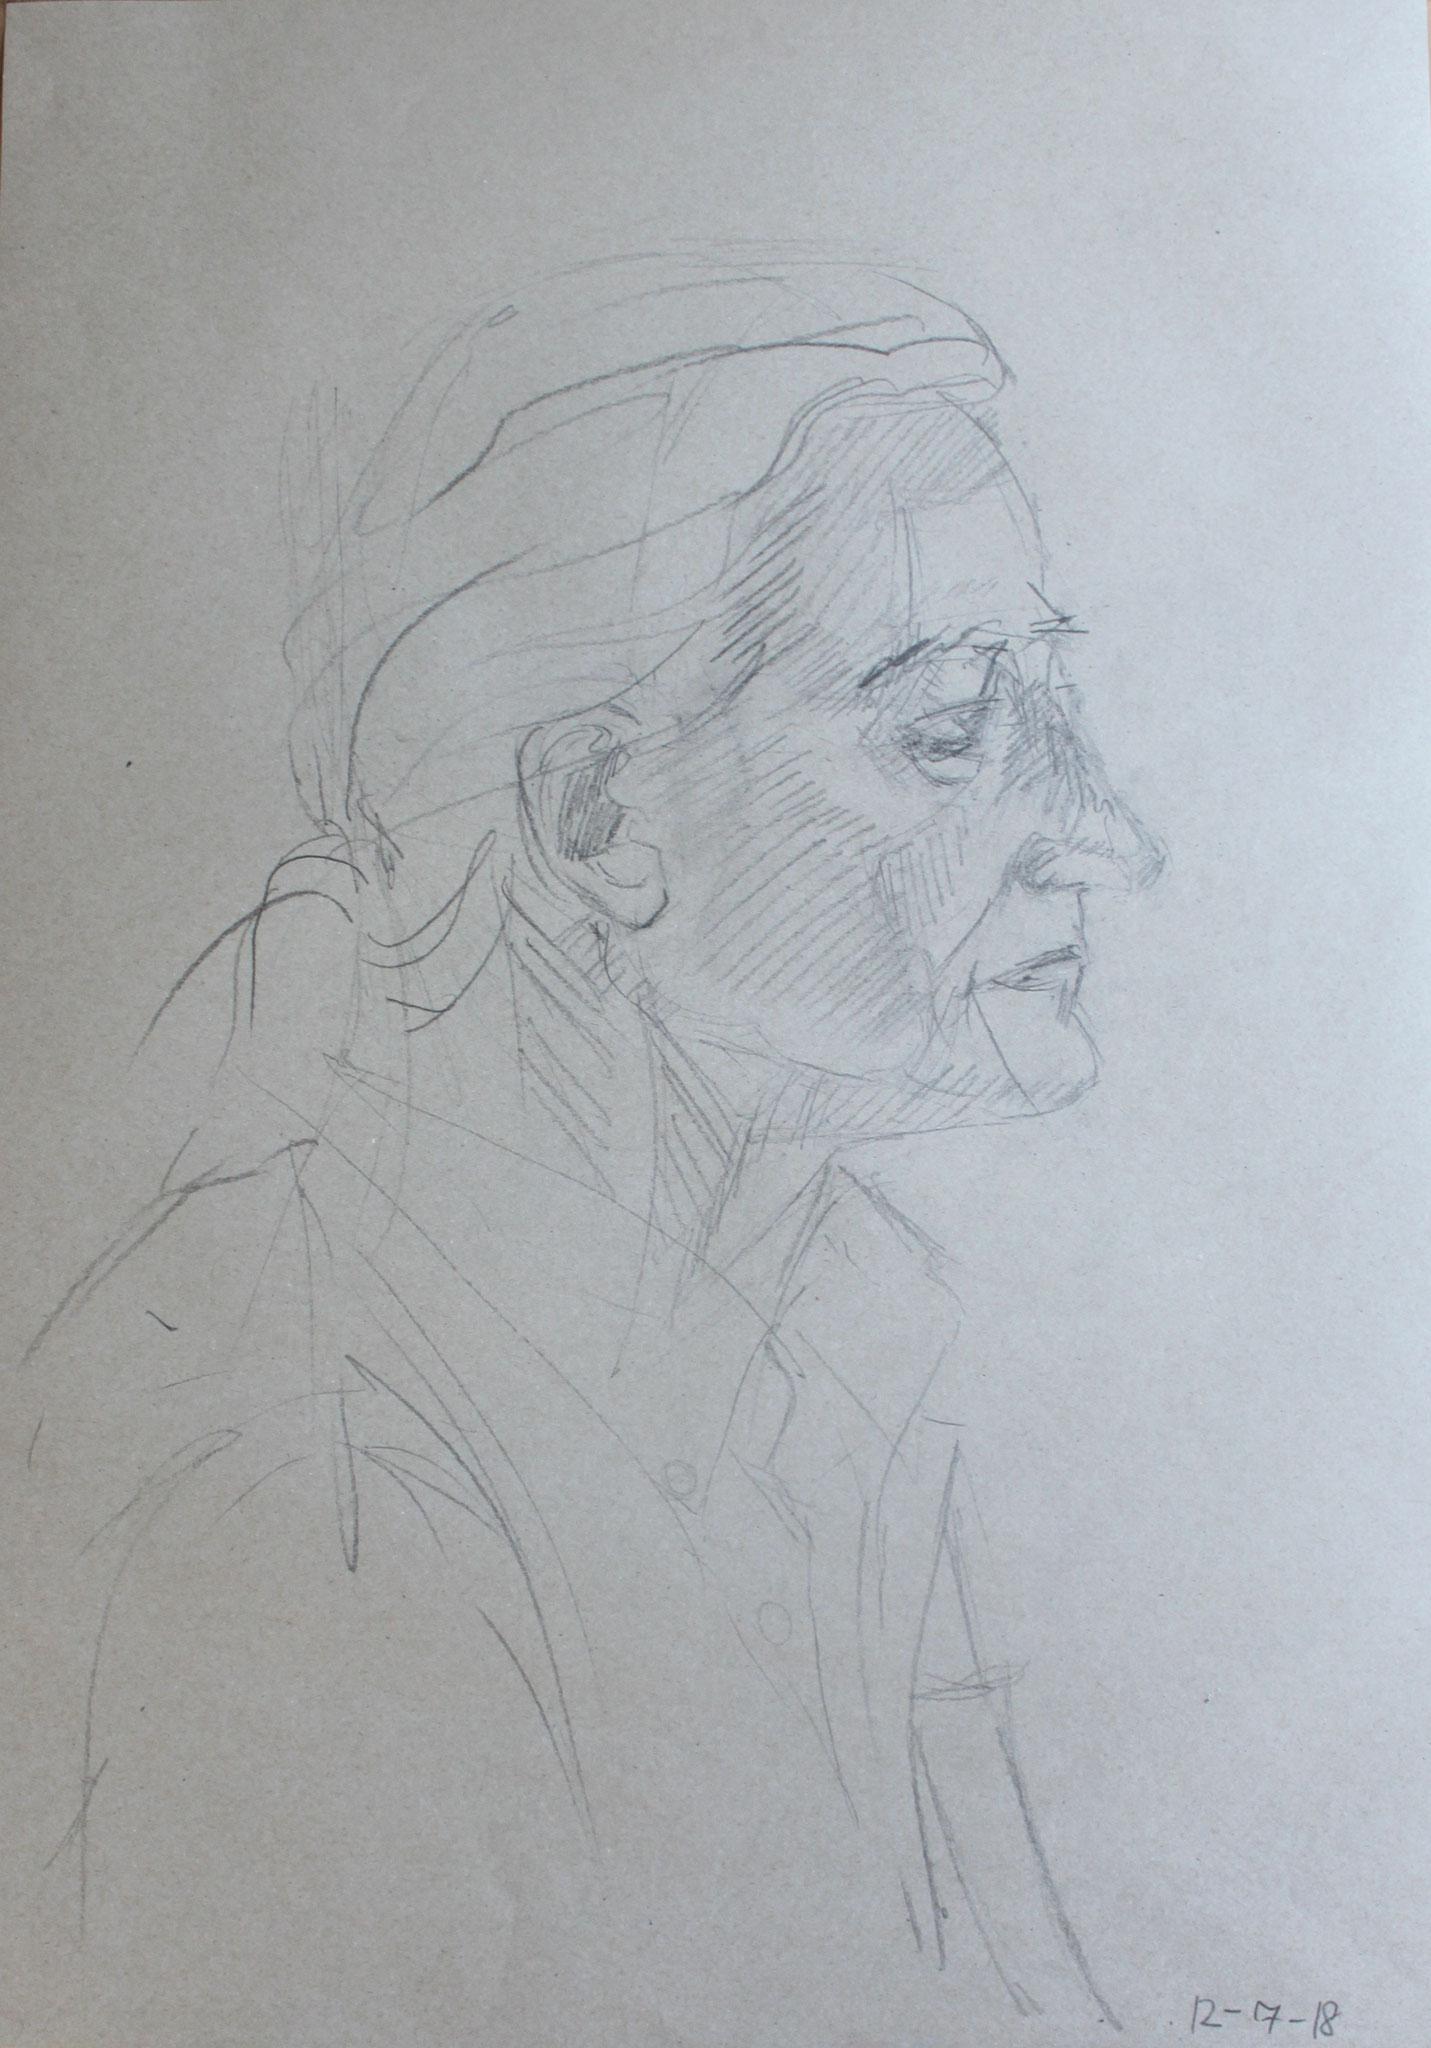 Gerhard, Bleistift auf Papier, 2018, 60 cm x 42 cm